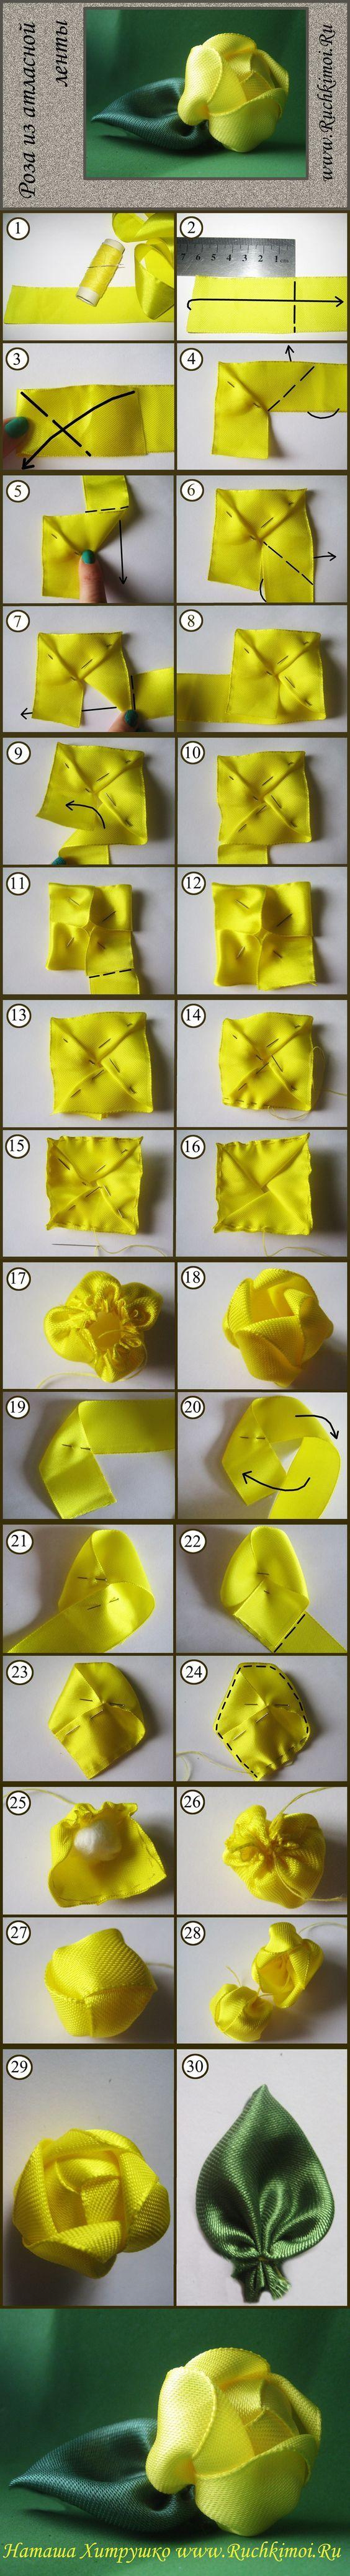 Бутон розы из атласной ленты своими руками. Подробное описание здесь http://www.ruchkimoi.ru/buton-rozyi-iz-atlasnoy-lentyi-svoimi-rukami/: